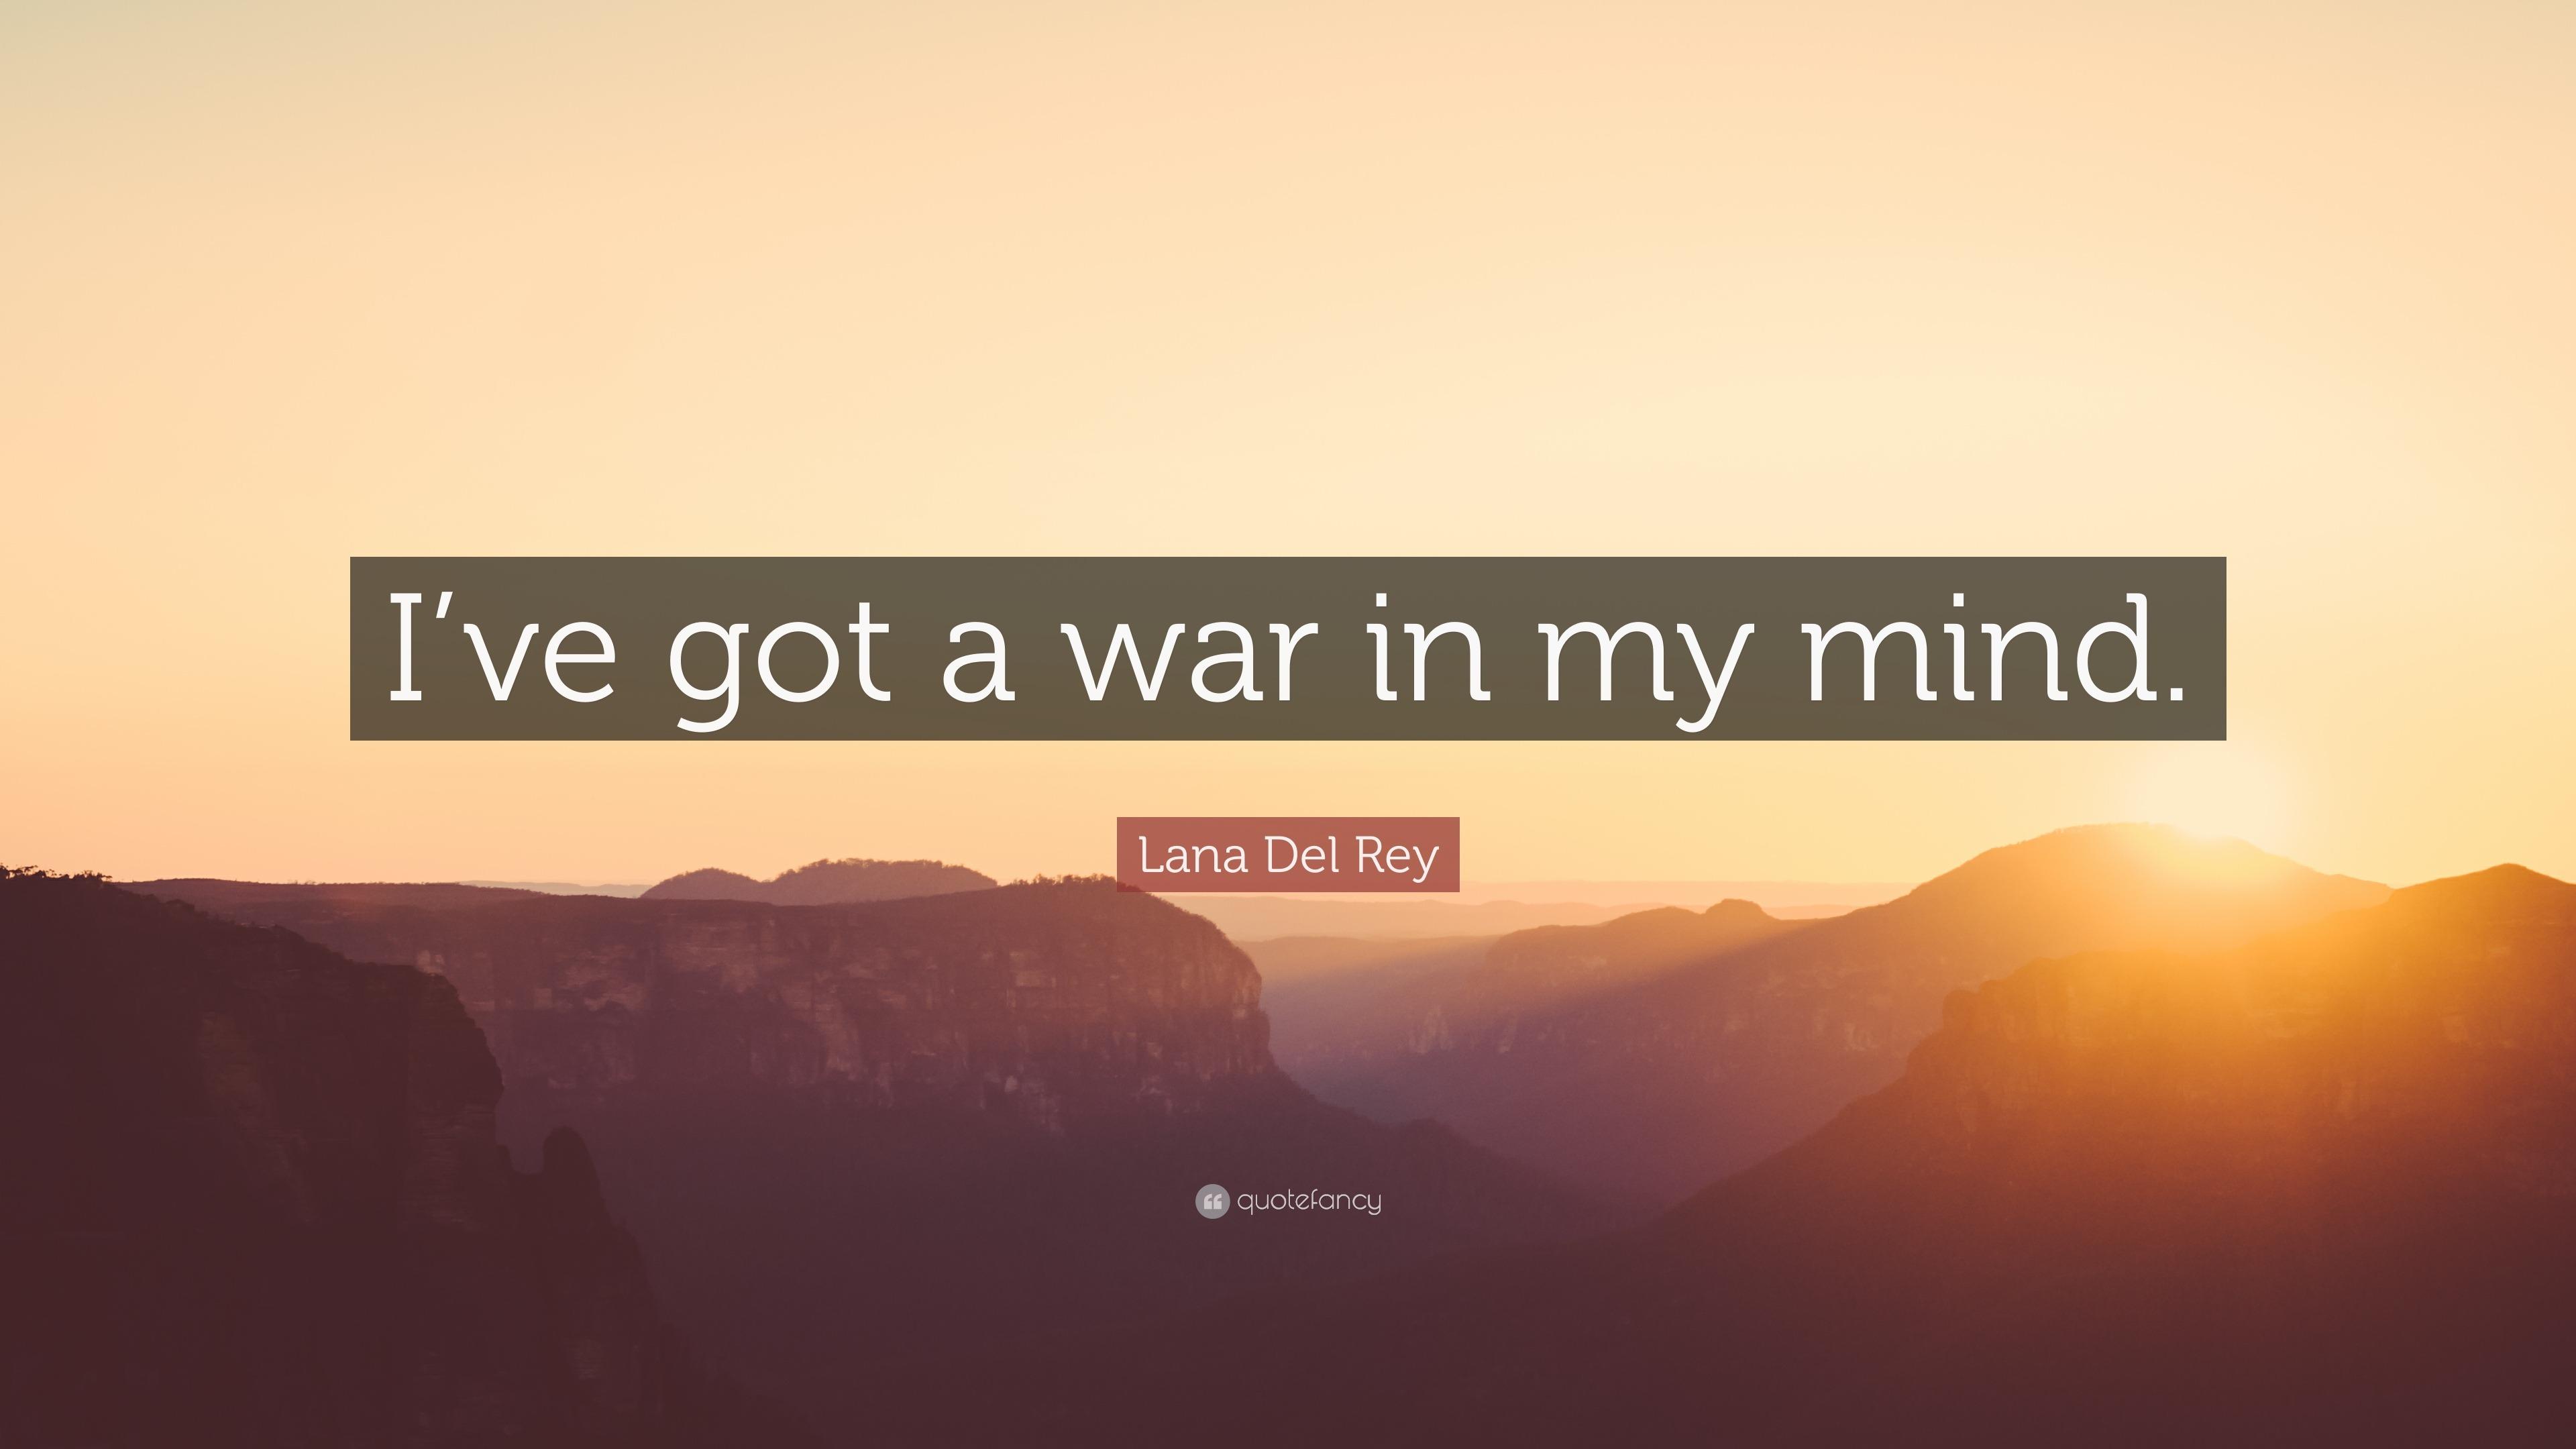 Lana Del Rey Quotes 150 Wallpapers Quotefancy